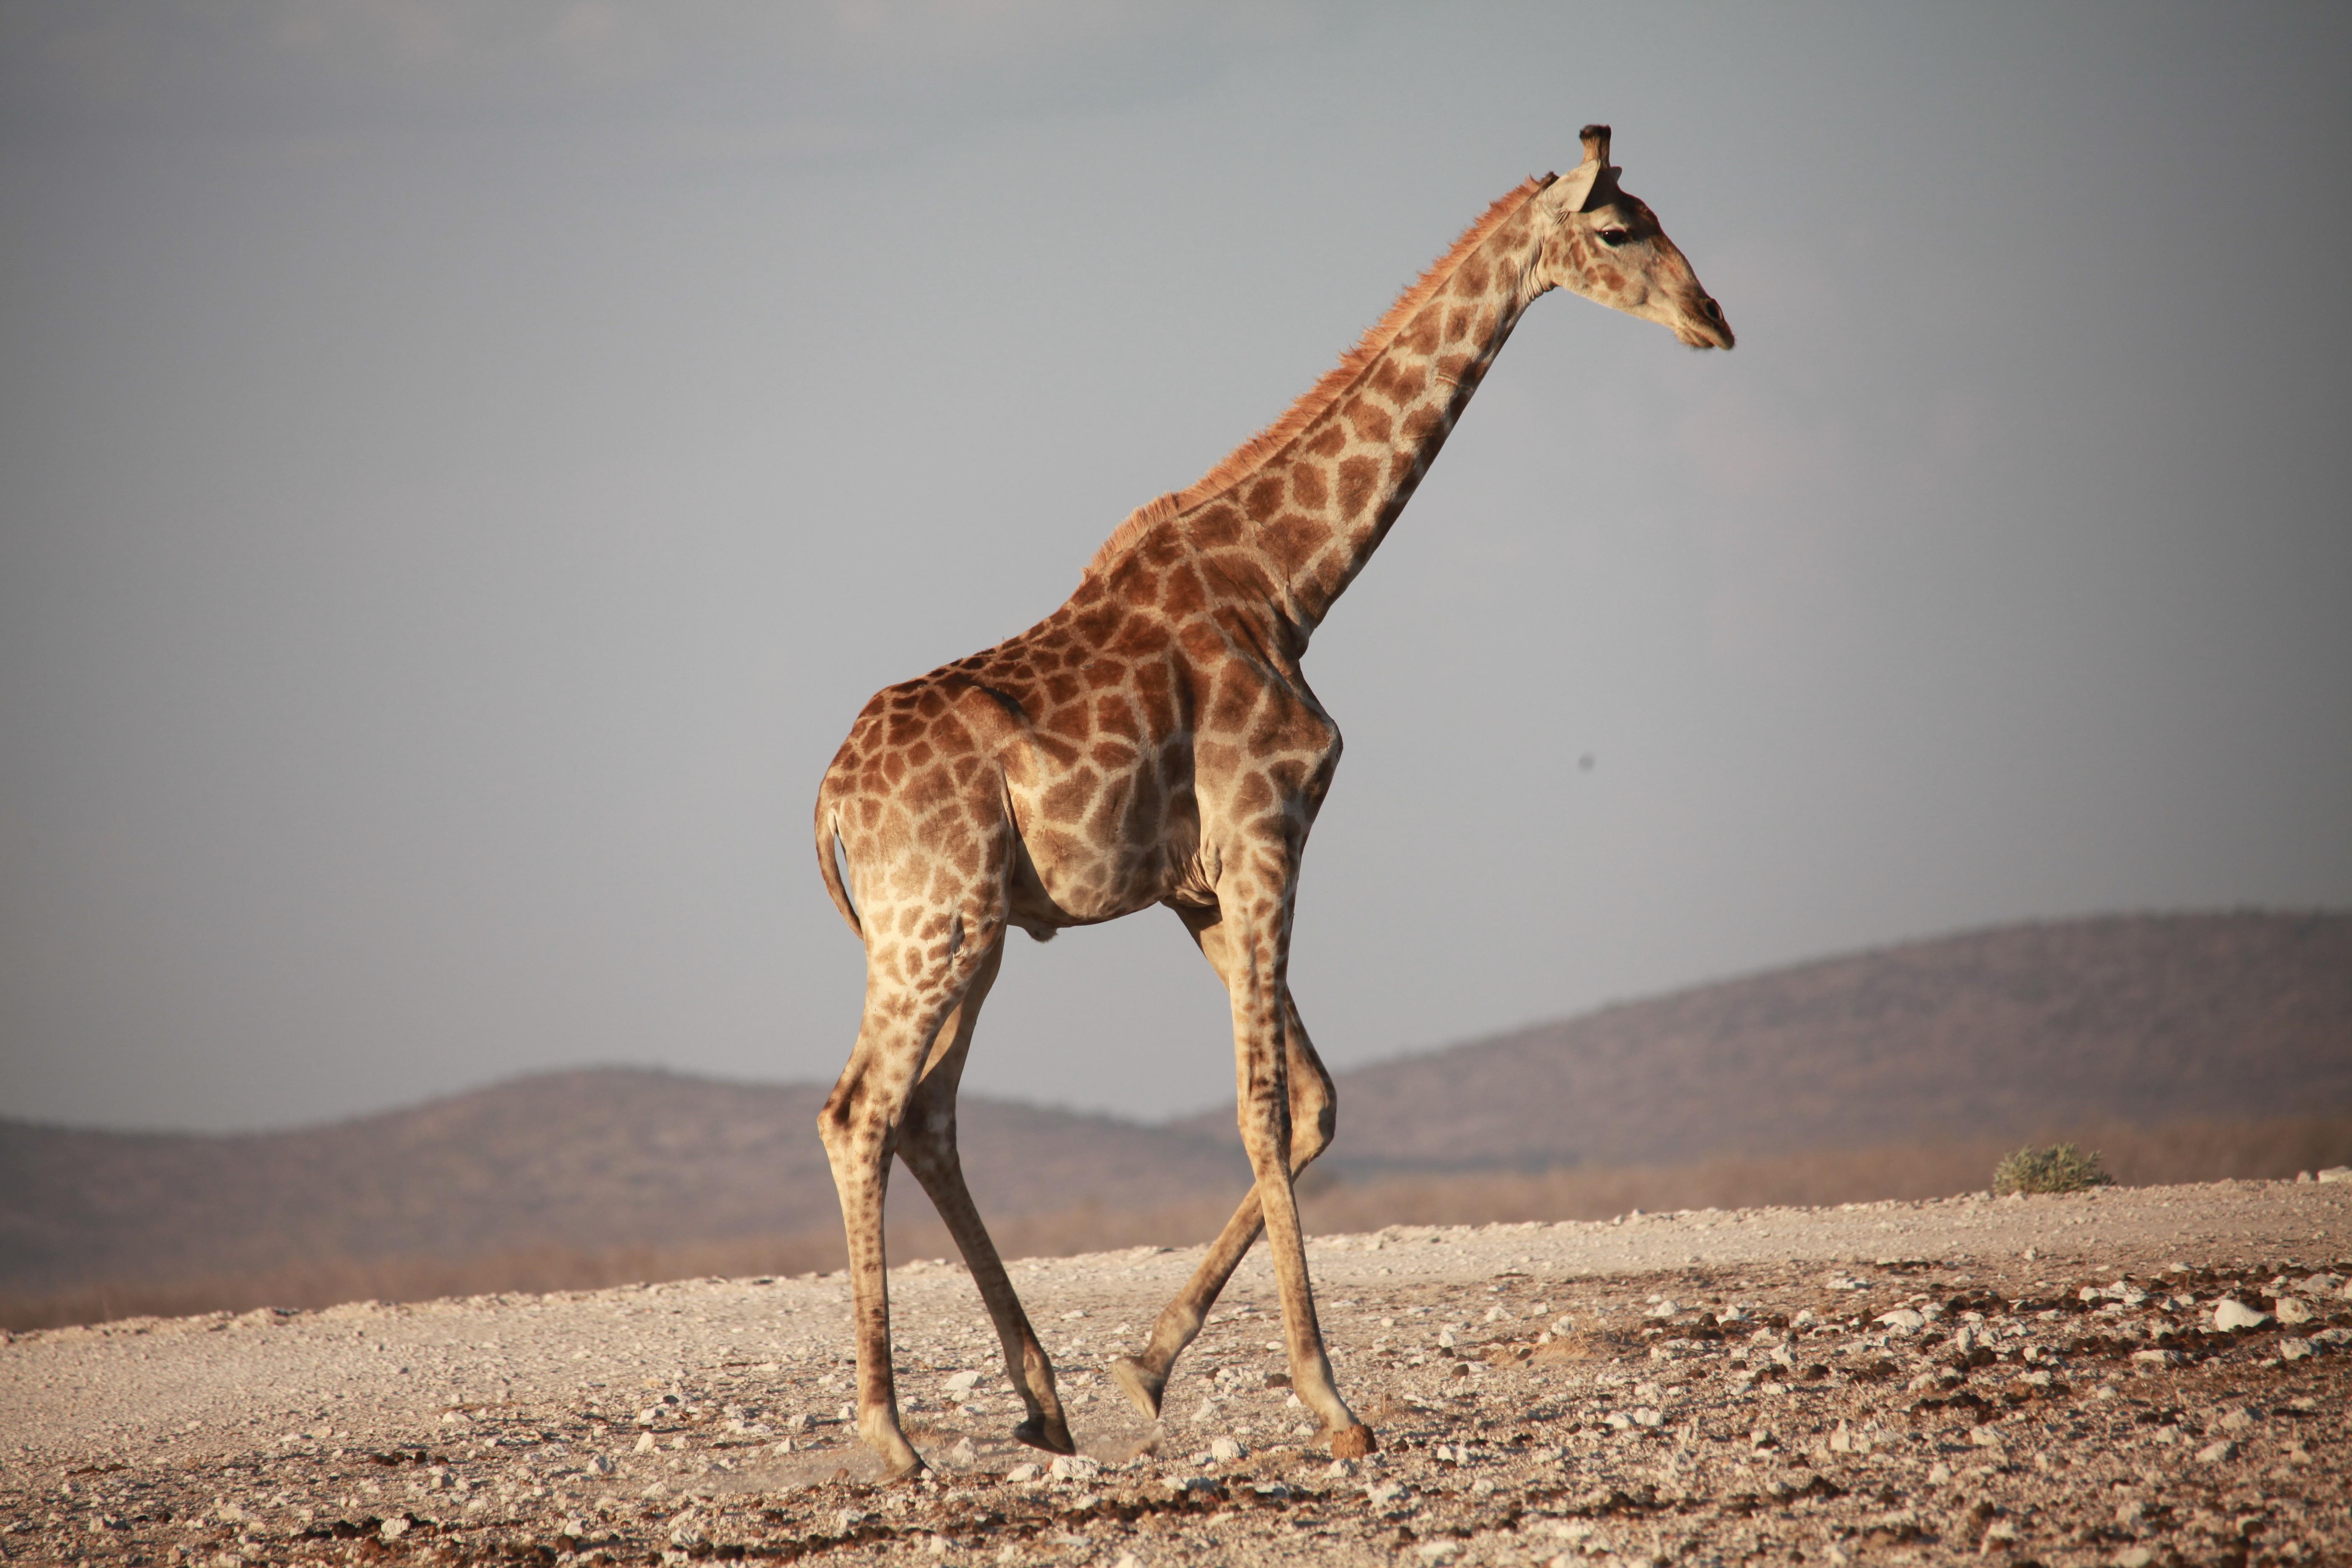 デスクトップ壁紙 野生動物 アフリカ 歩く キリン 動物相 哺乳類 脊椎動物 ギラ科 サバンナ マストンウマ 5616x3744 Coolwallpapers デスクトップ壁紙 Wallhere